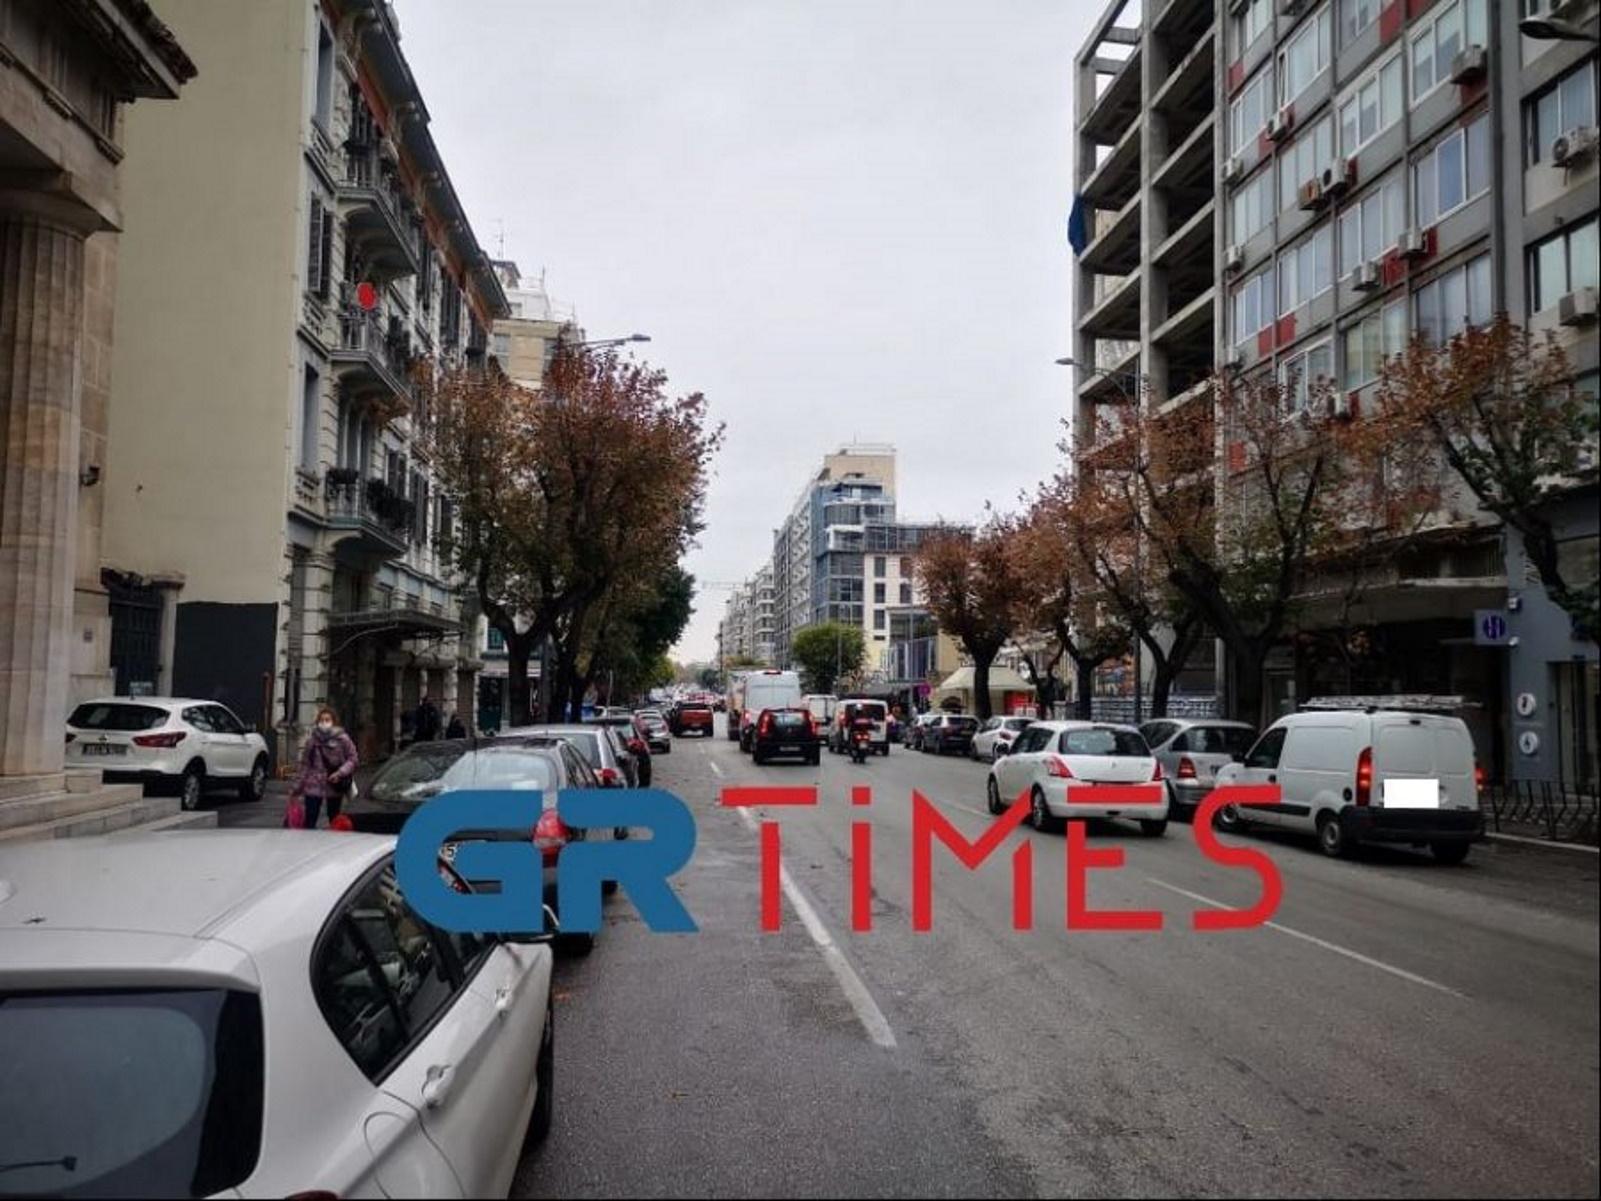 Θεσσαλονίκη – Lockdown: Κίνηση και διπλοπαρκαρισμένα αυτοκίνητα! Εικόνες που προβληματίζουν (Βίντεο)